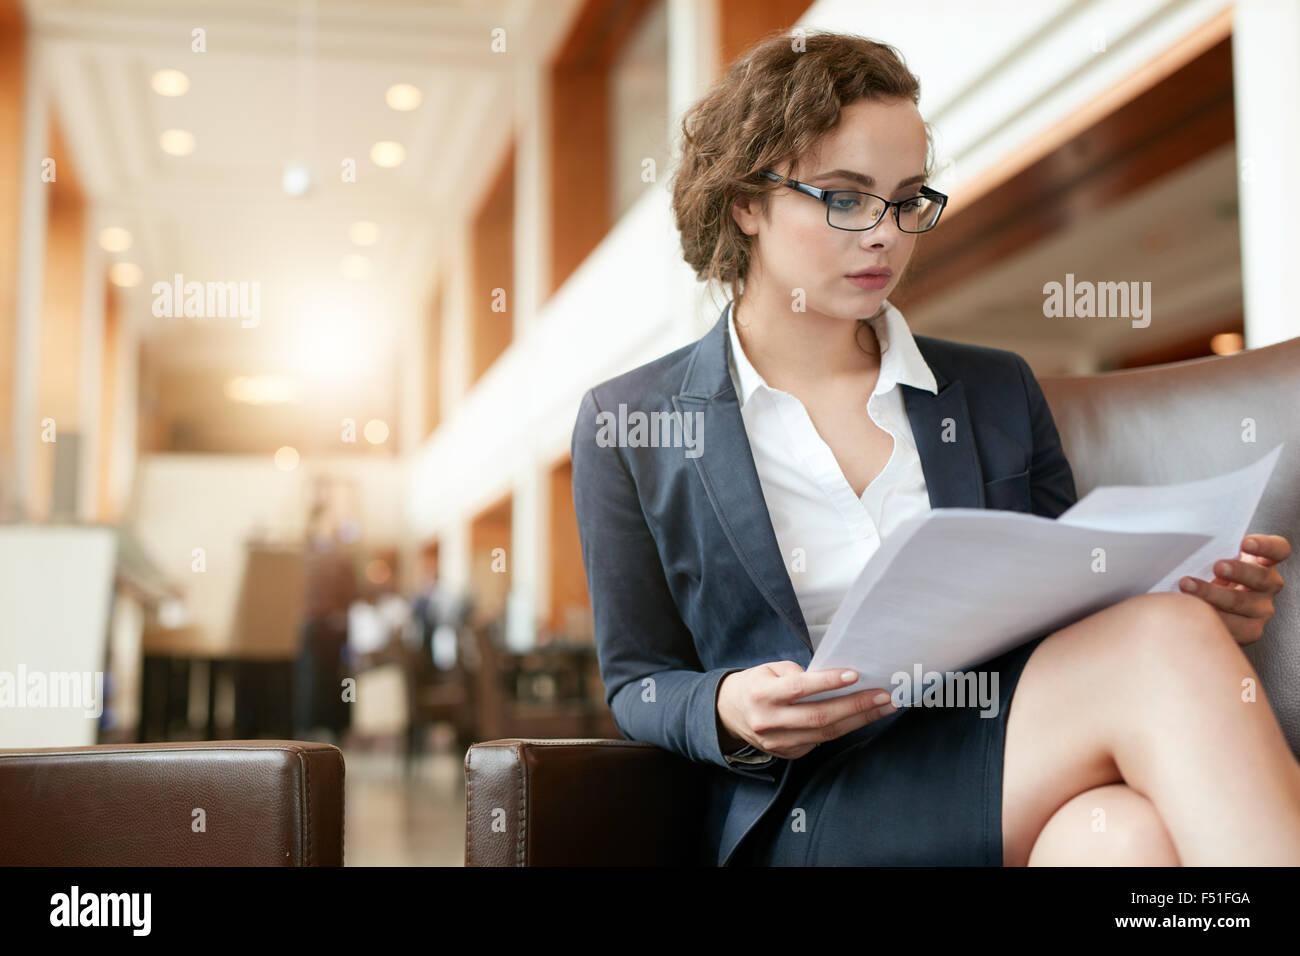 Ritratto di imprenditrice lettura documento. Professionale femminile in hotel lobby esaminando le carte. Immagini Stock